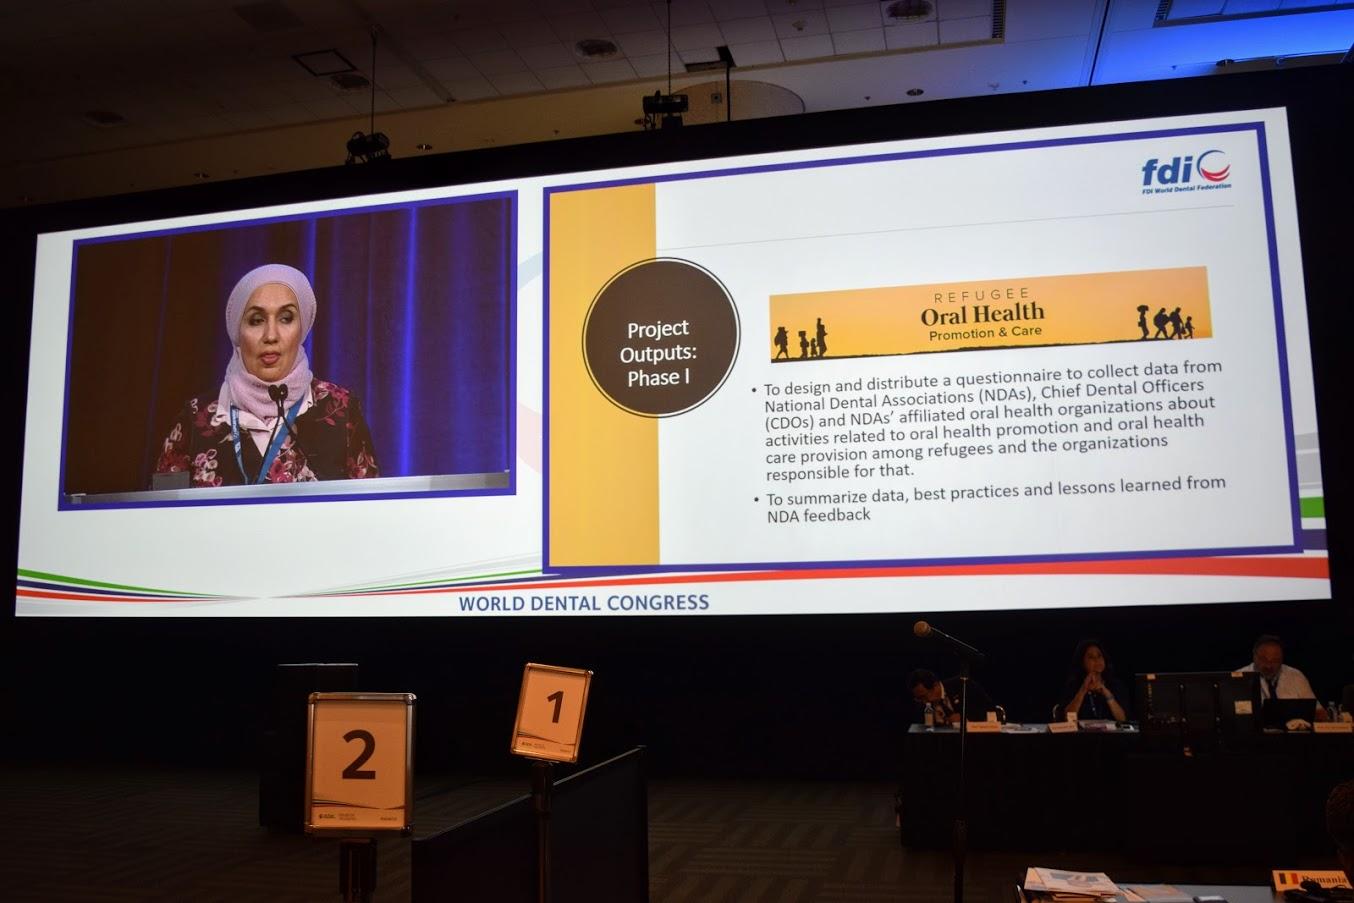 فلسطين تفوز برئاسة لجنة طب الأسنان المجتمعي في الاتحاد العالمي لطب الأسنان